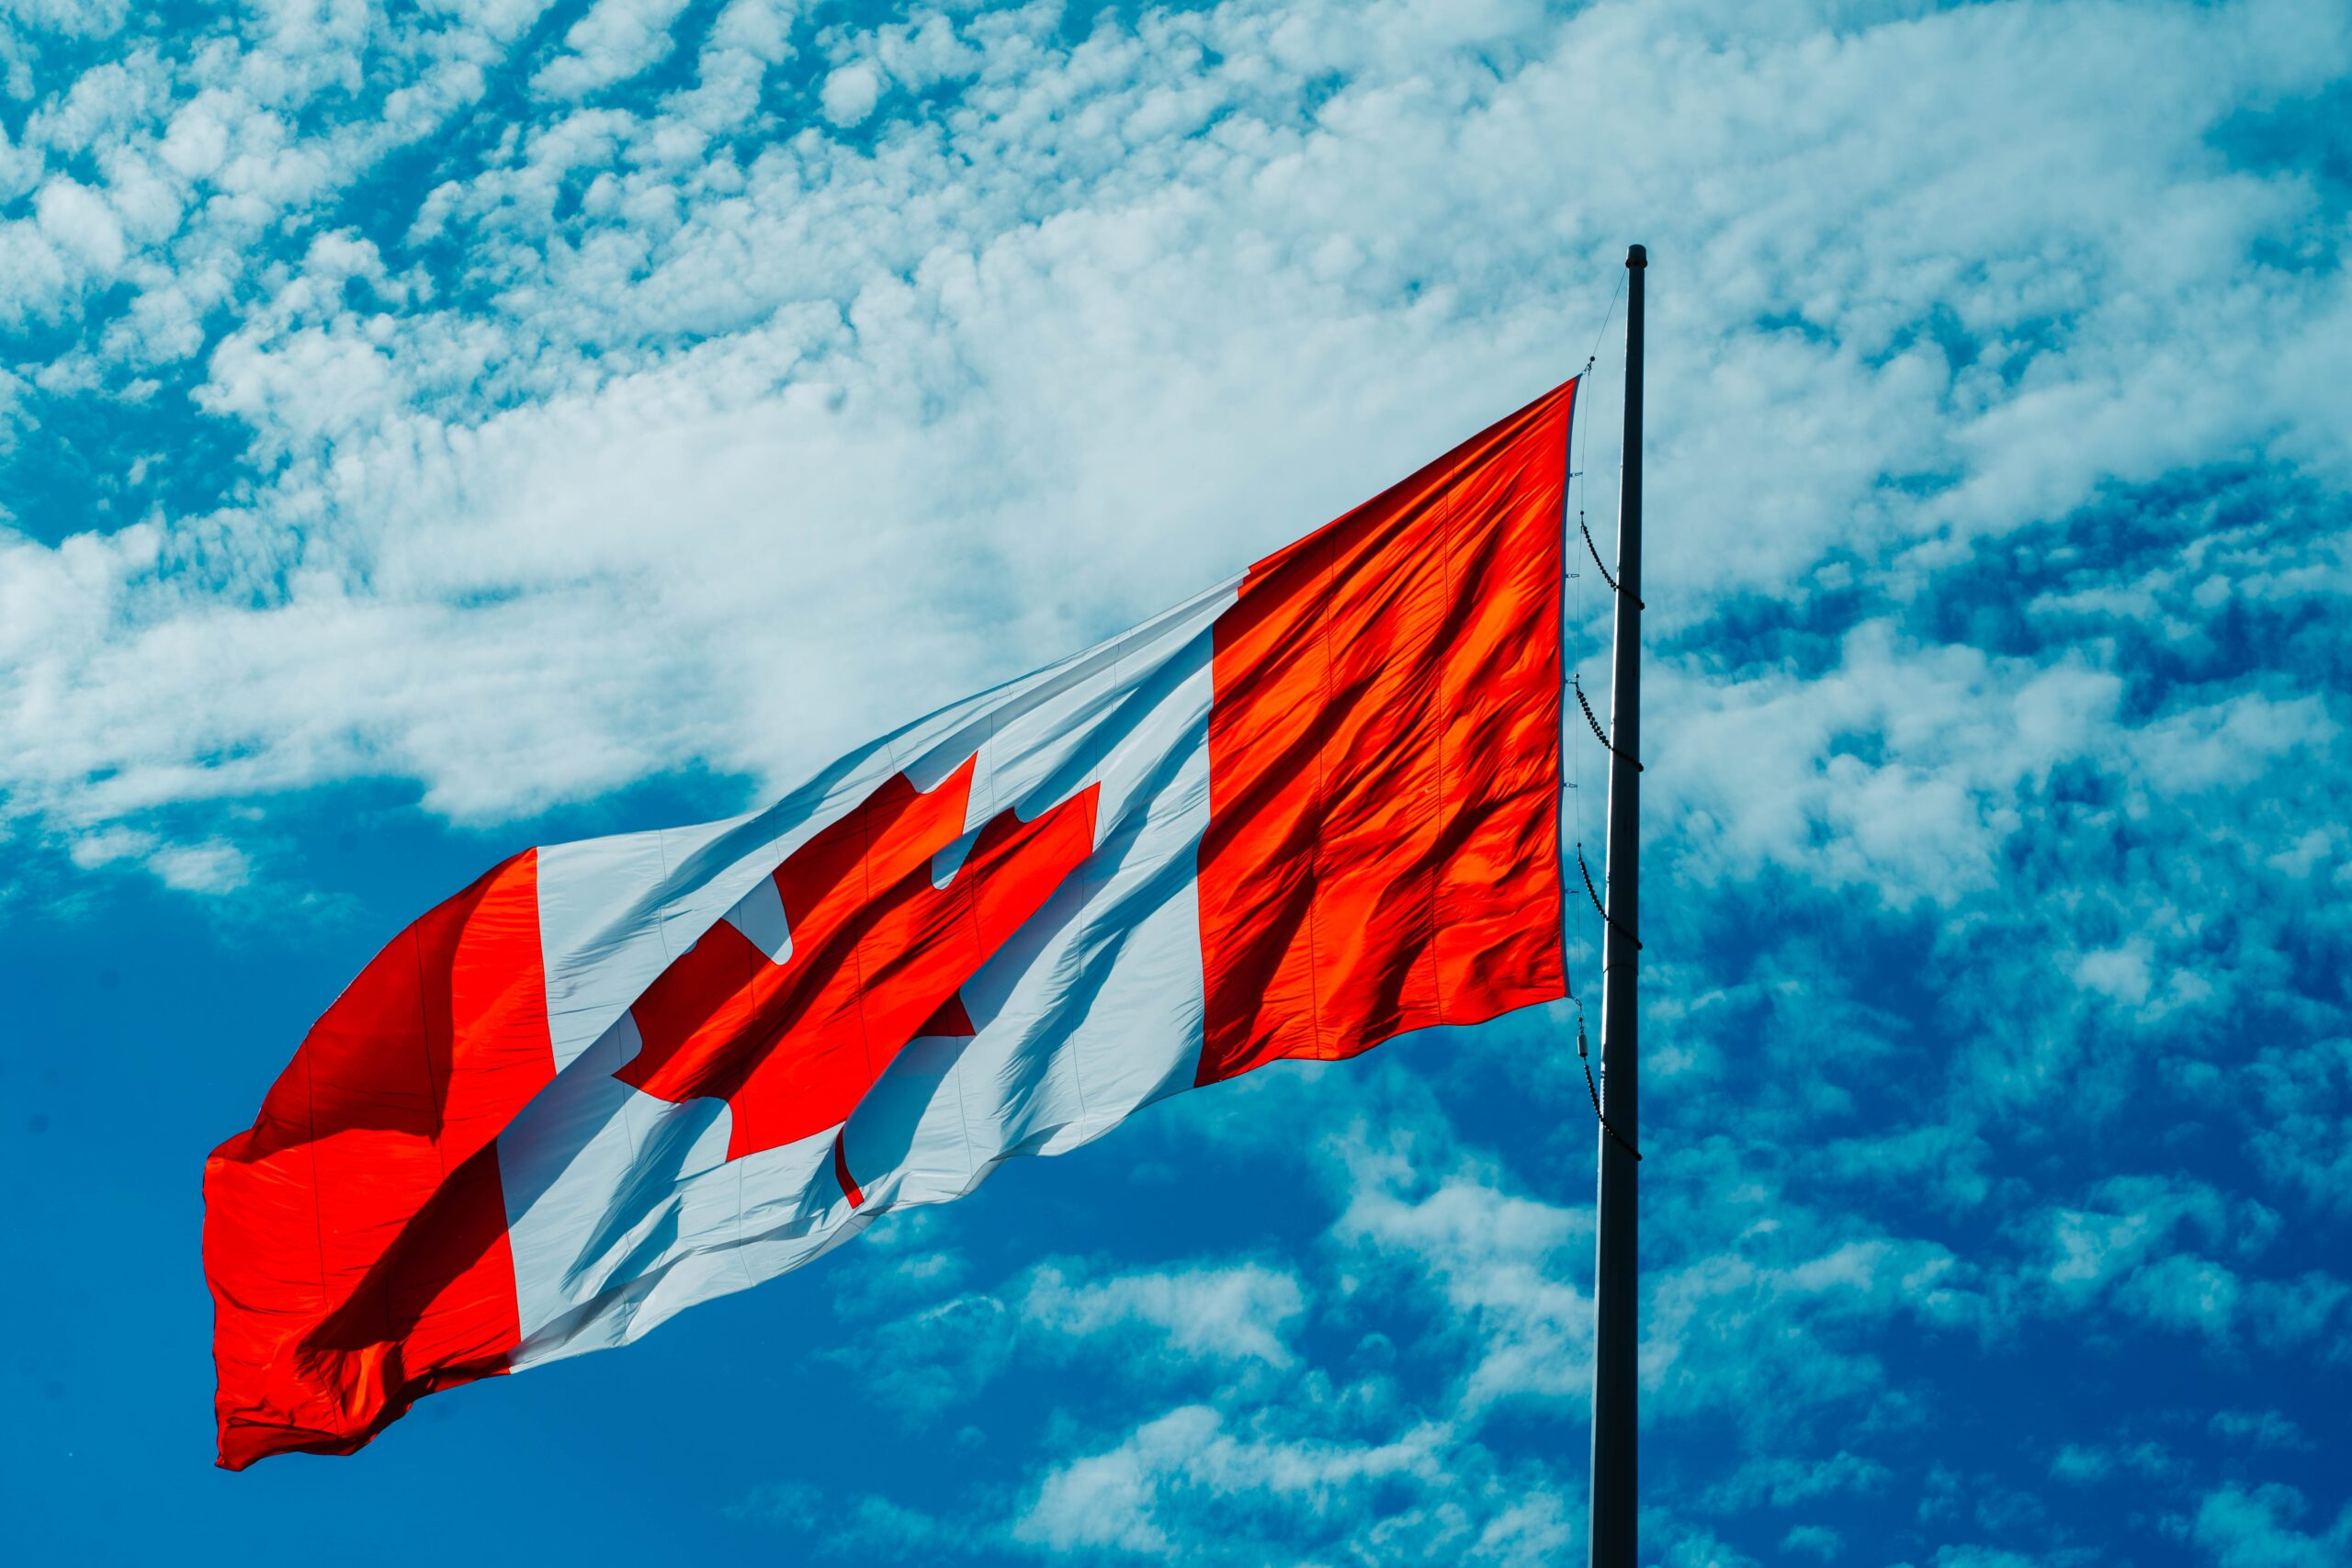 Calgary ou Edmonton: onde estudar no Canadá?